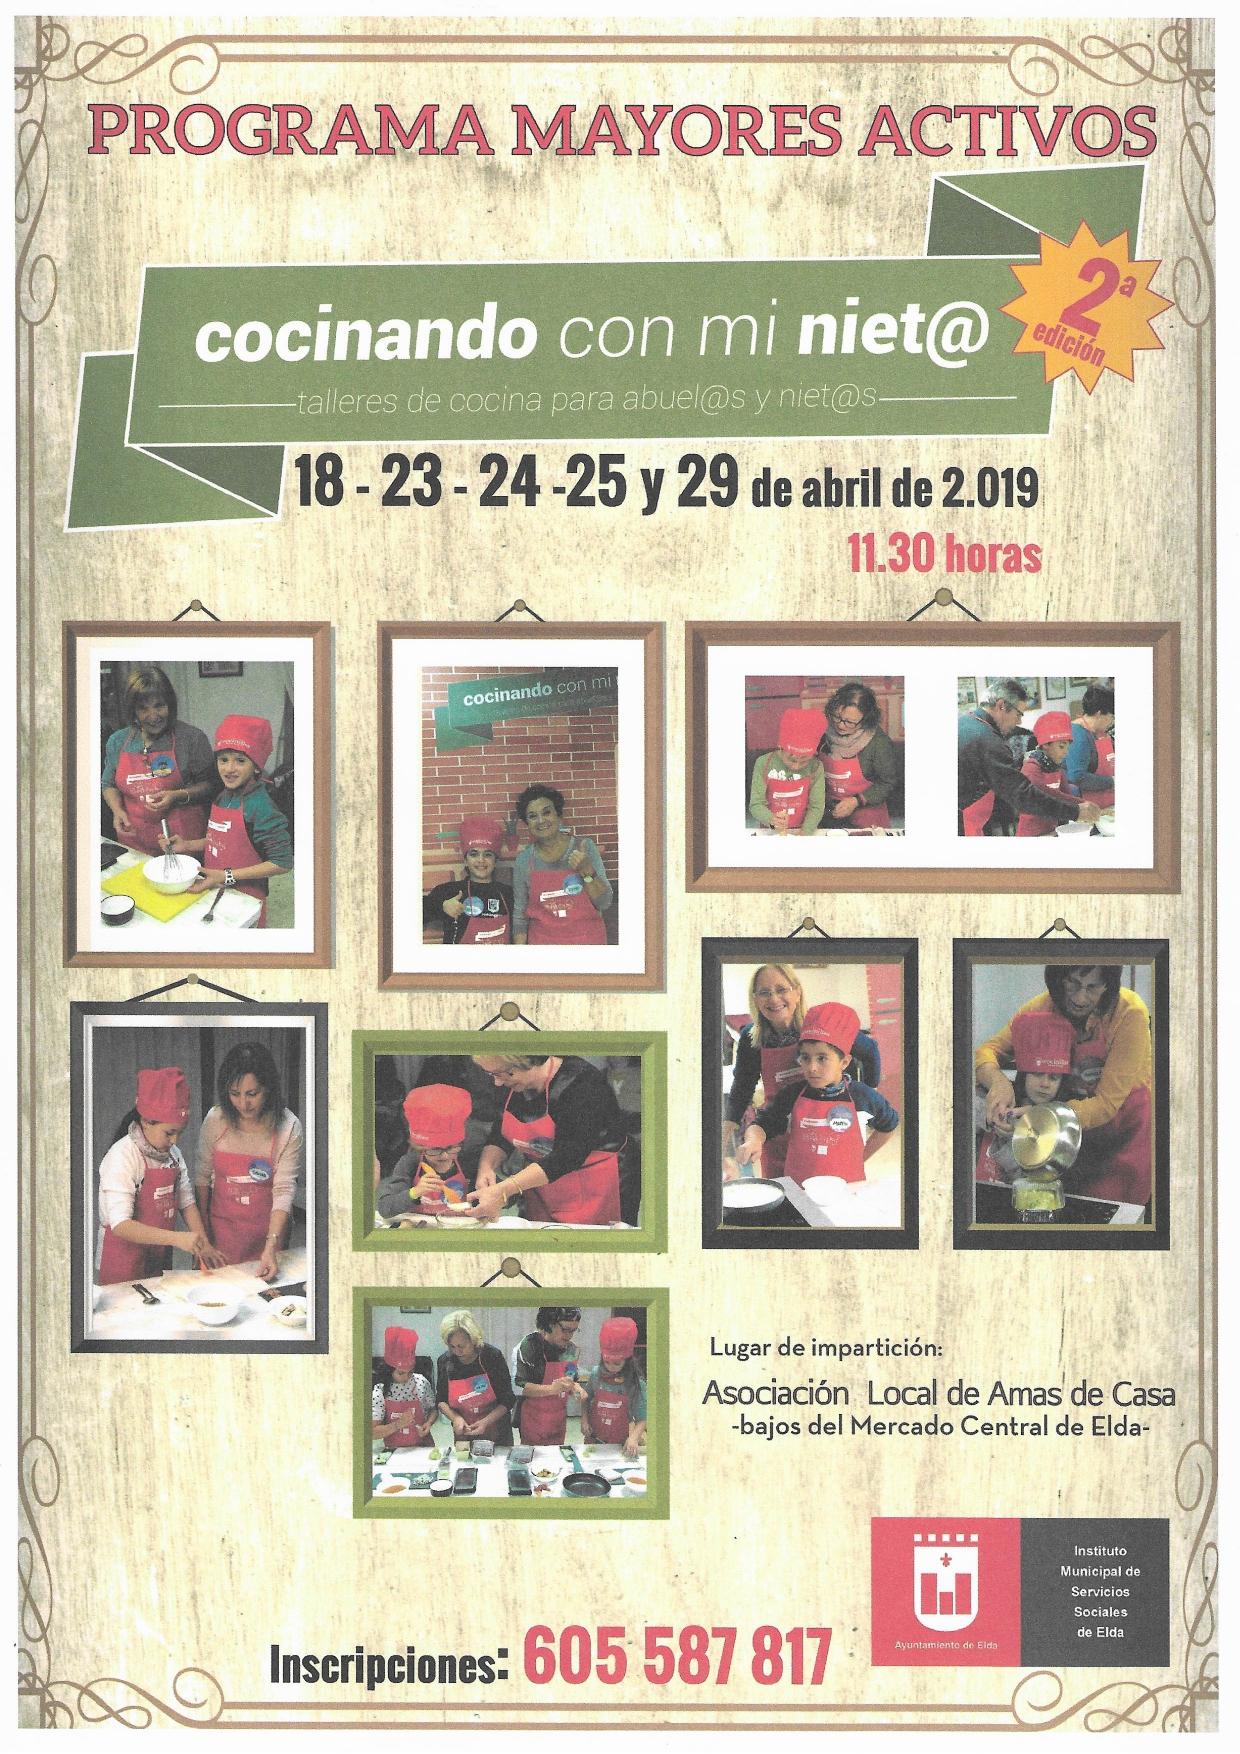 La II edición de 'Cocinando con mi nieto' regresa a Elda durante el mes de abril